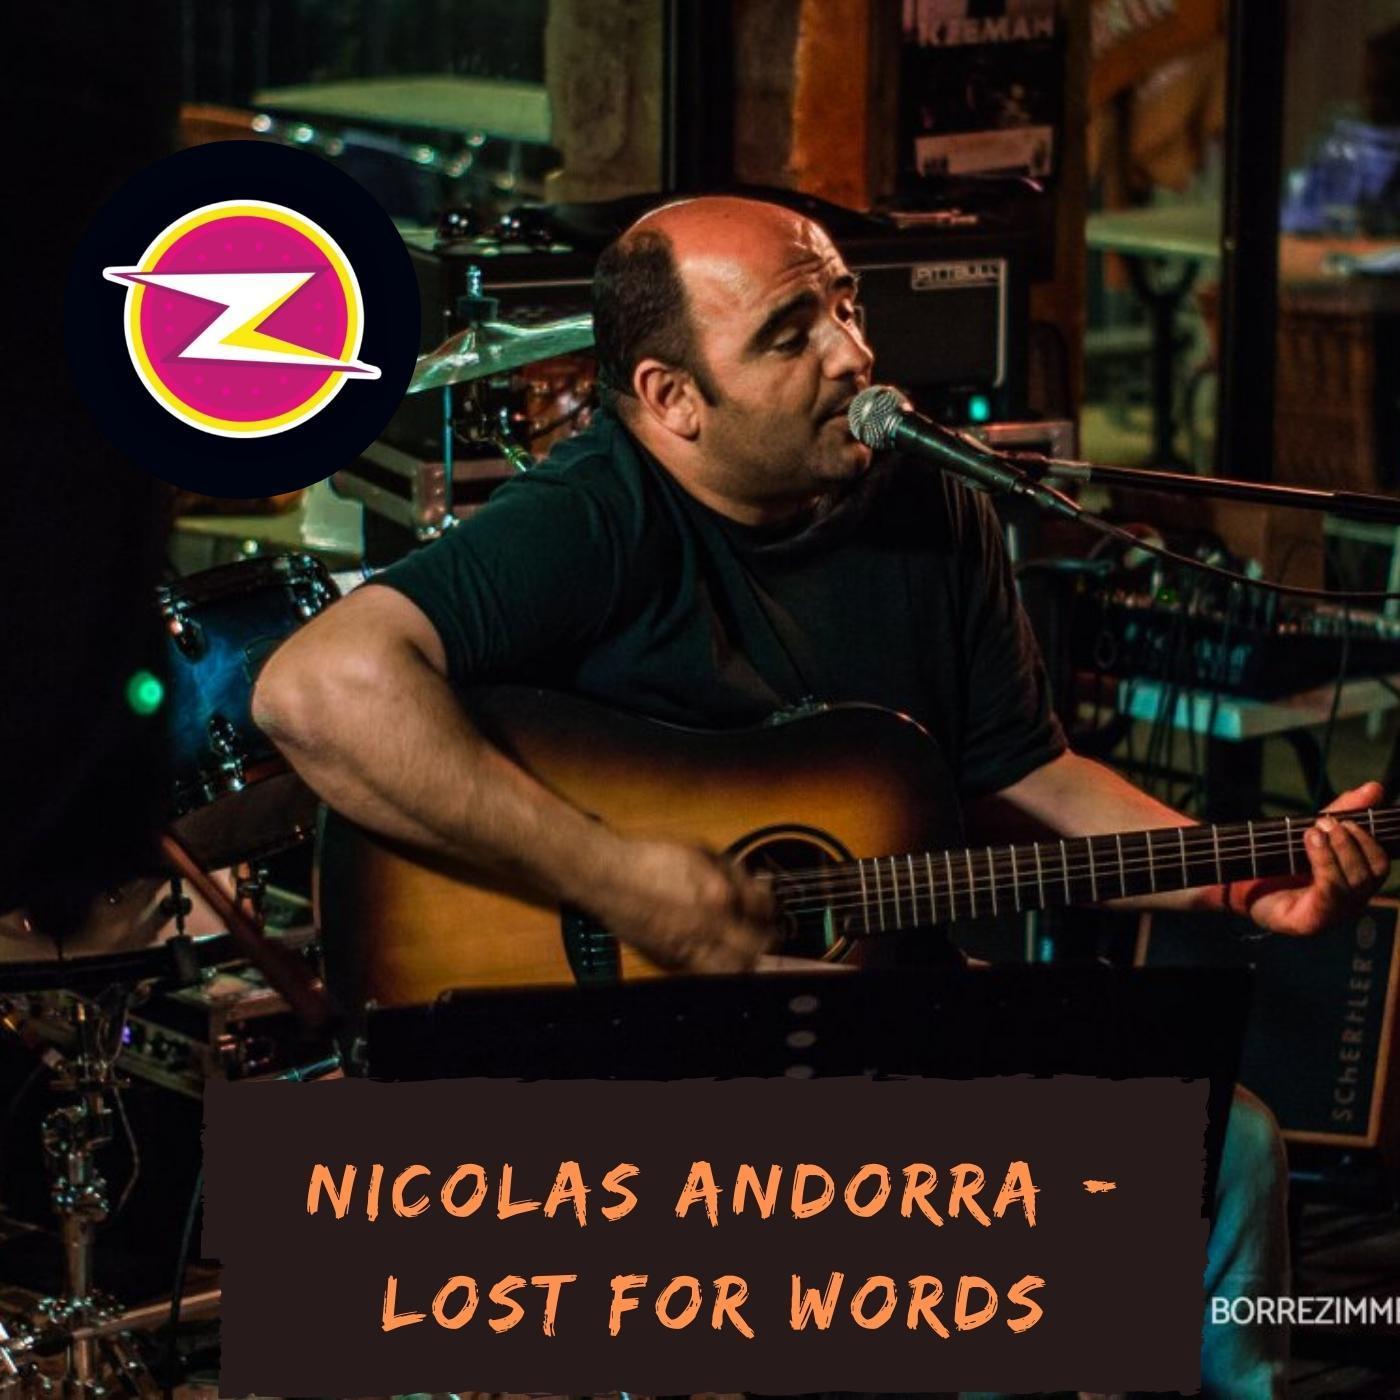 Nicolas Andorra - Lost for words